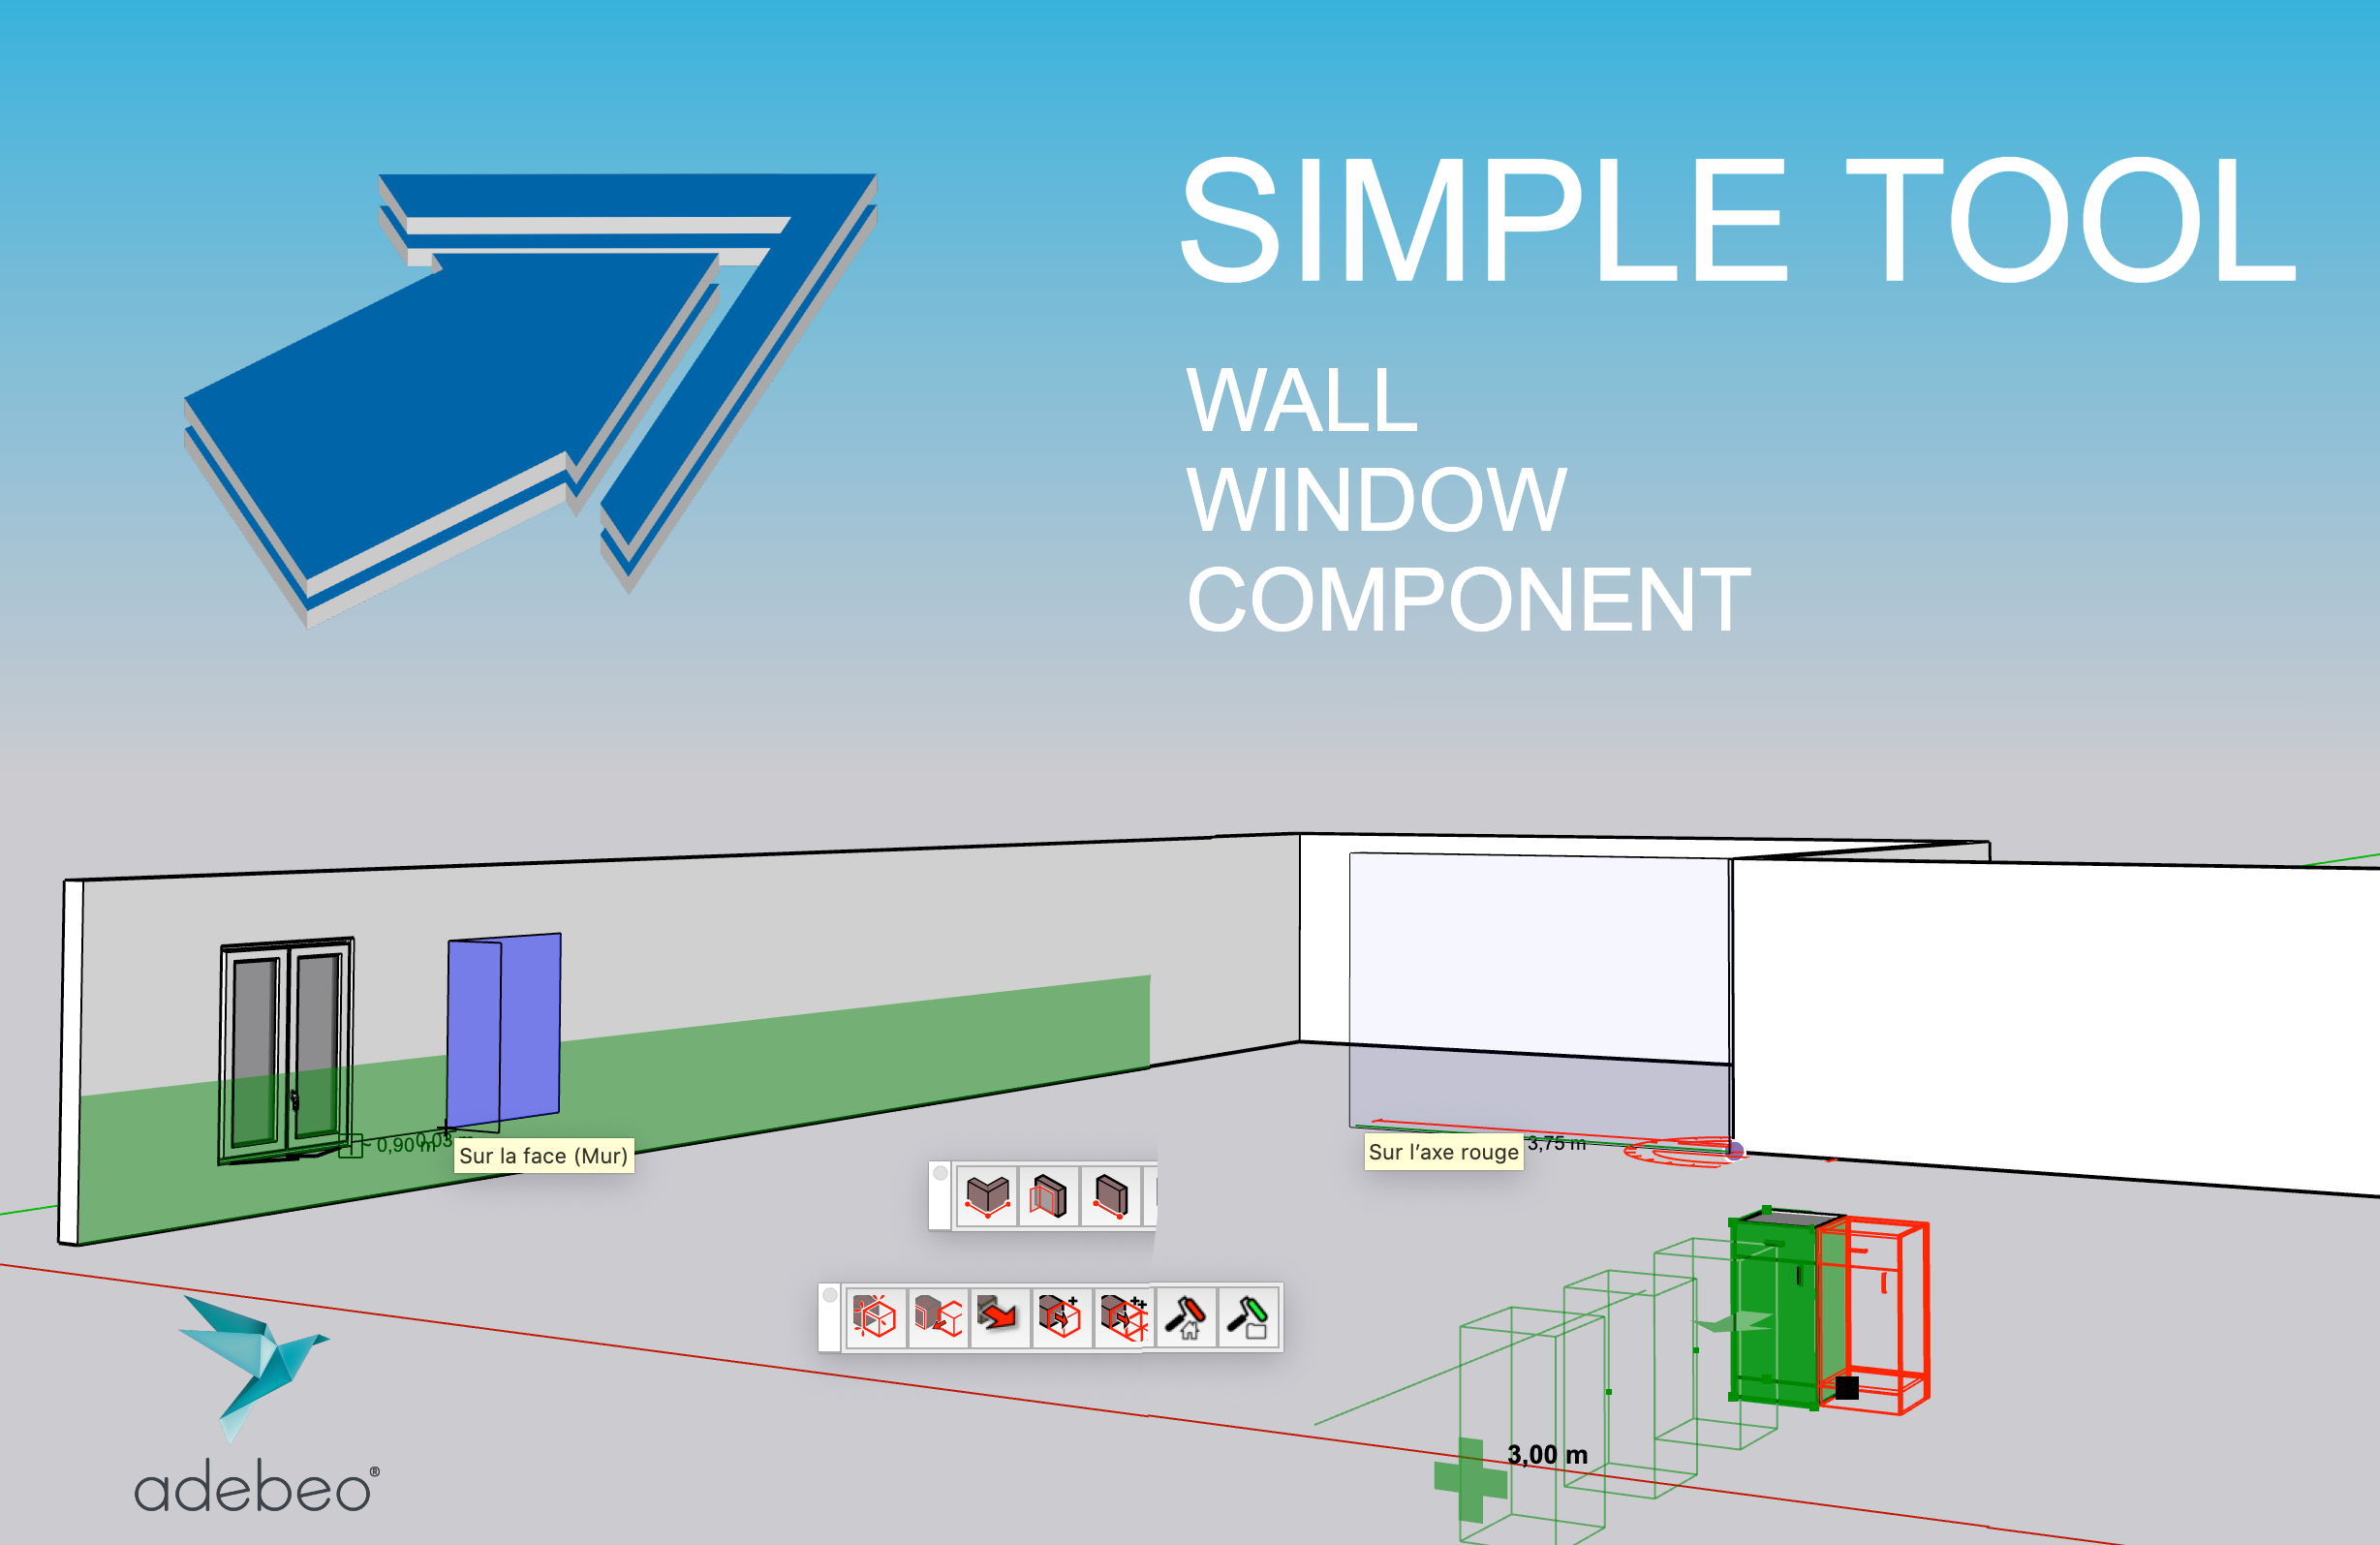 建筑简单绘制工具(Simple tool for architecture)